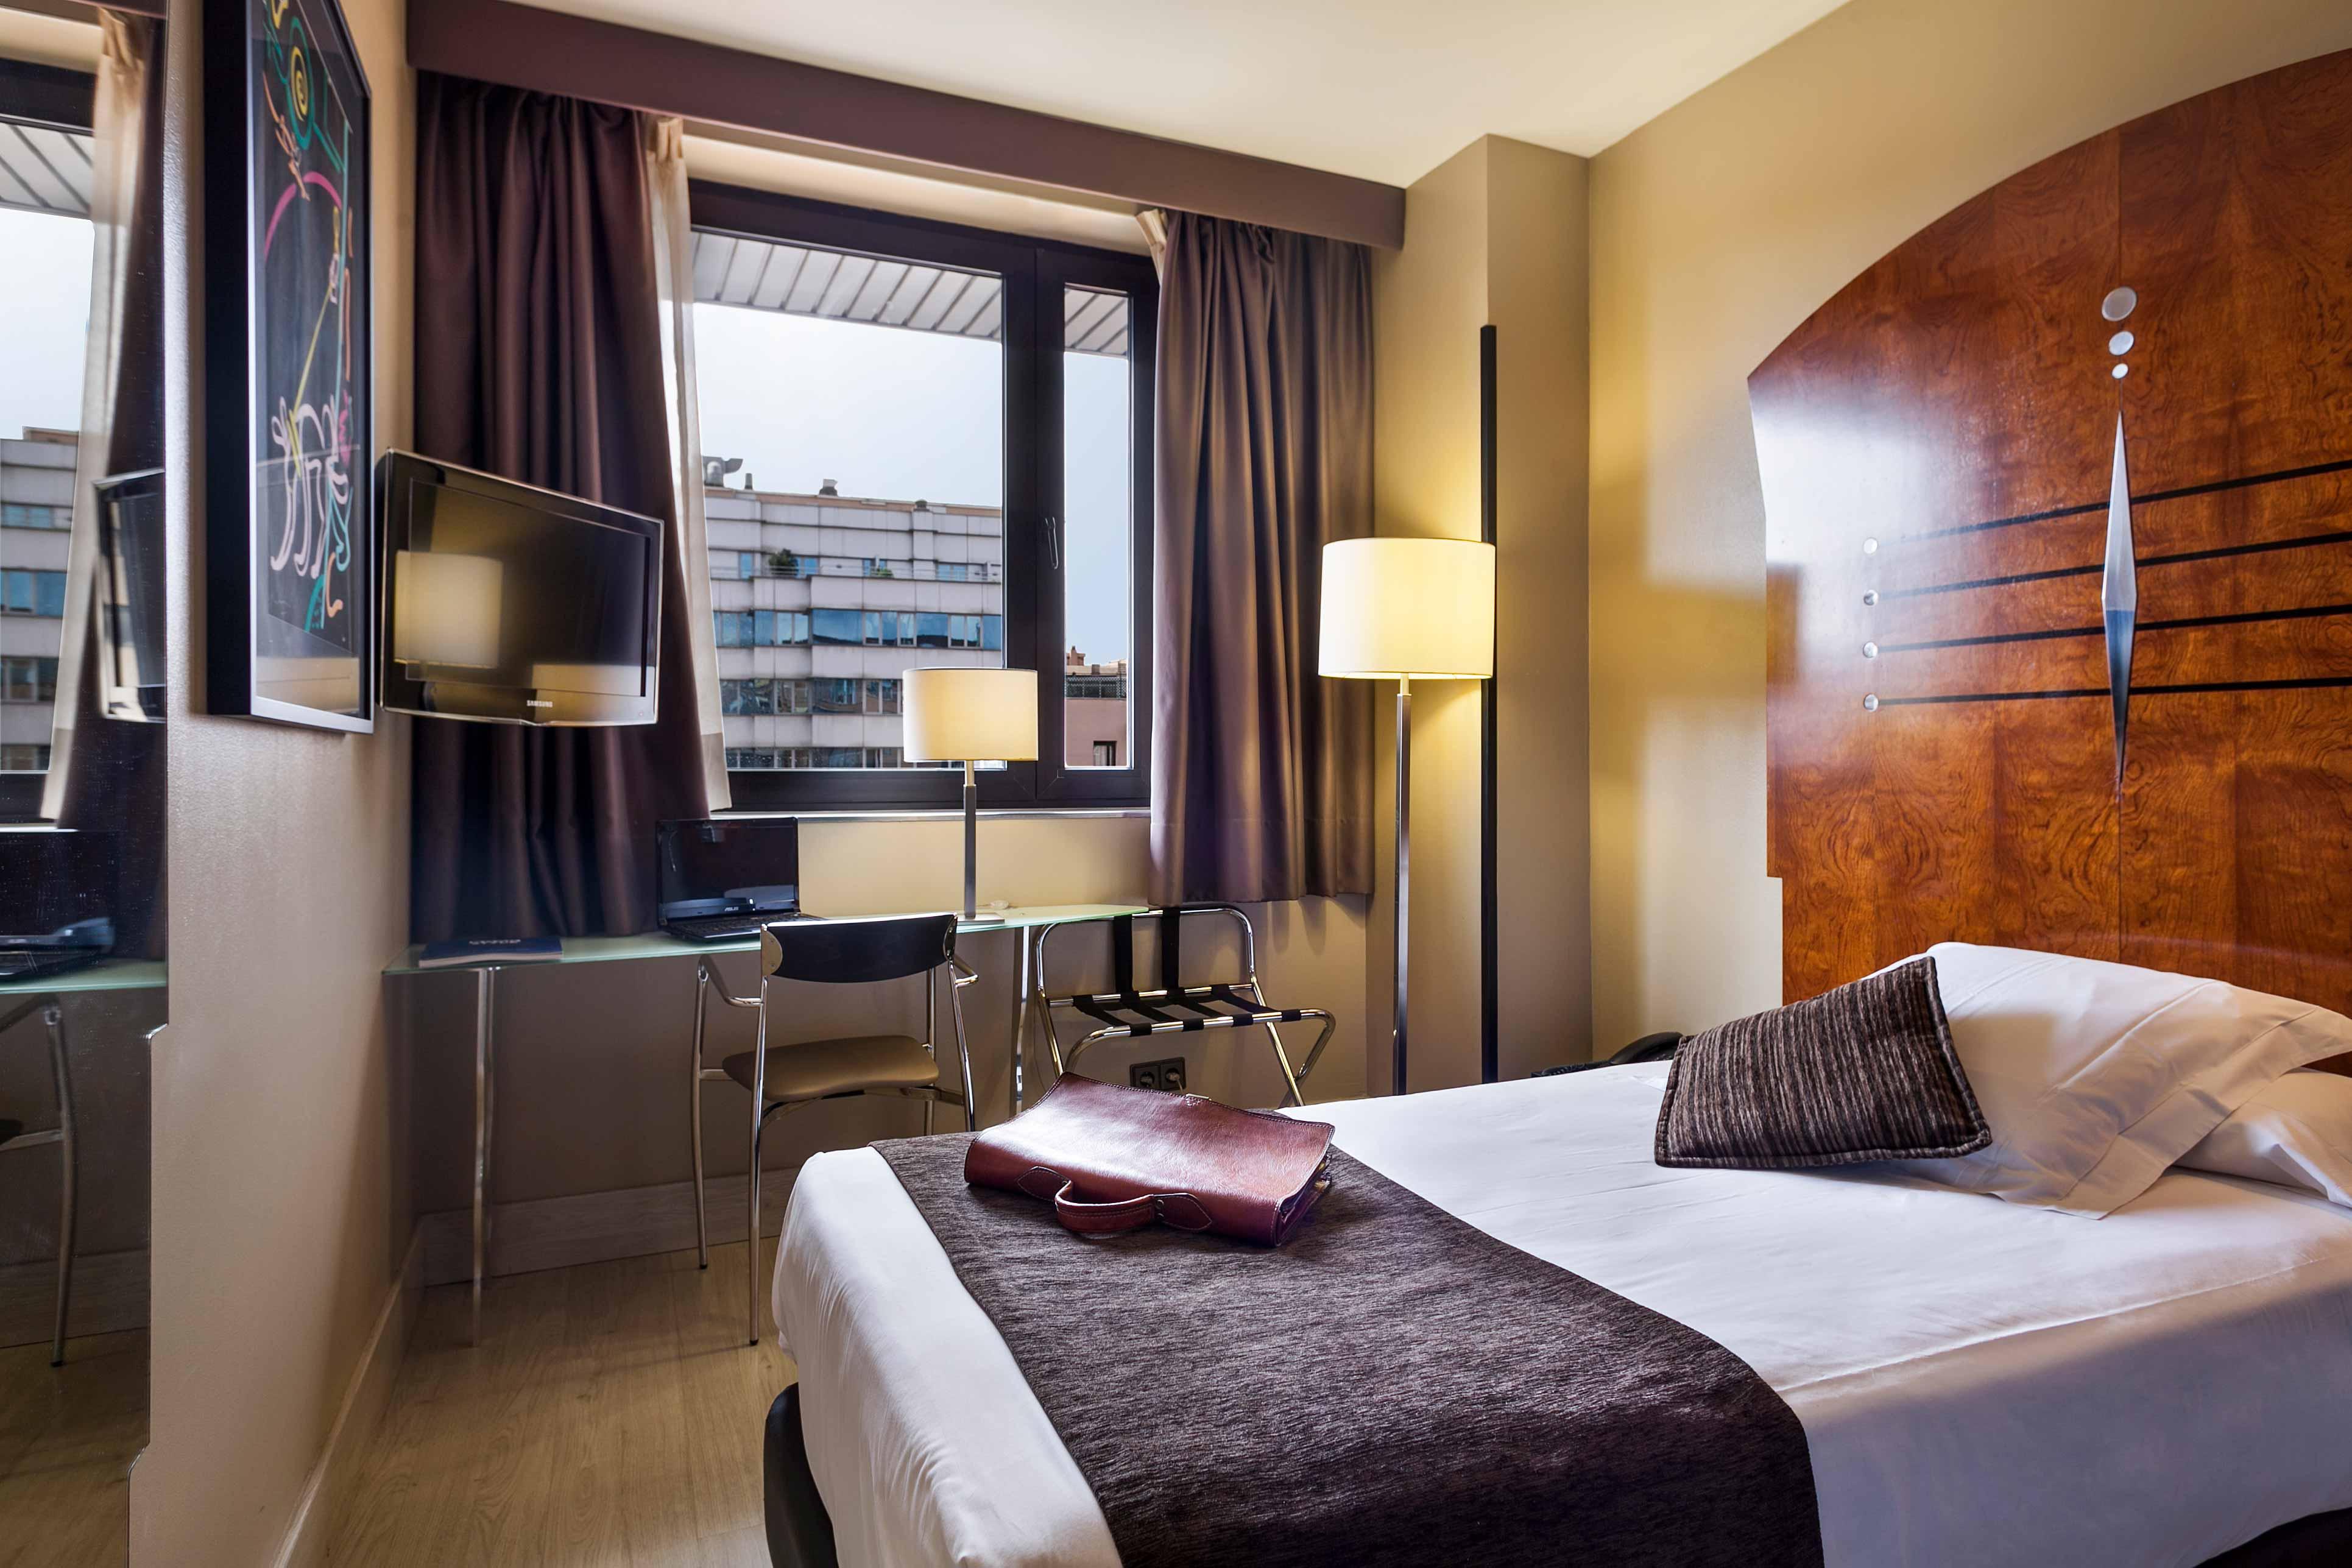 Hotel_city_habitacion_individual_02